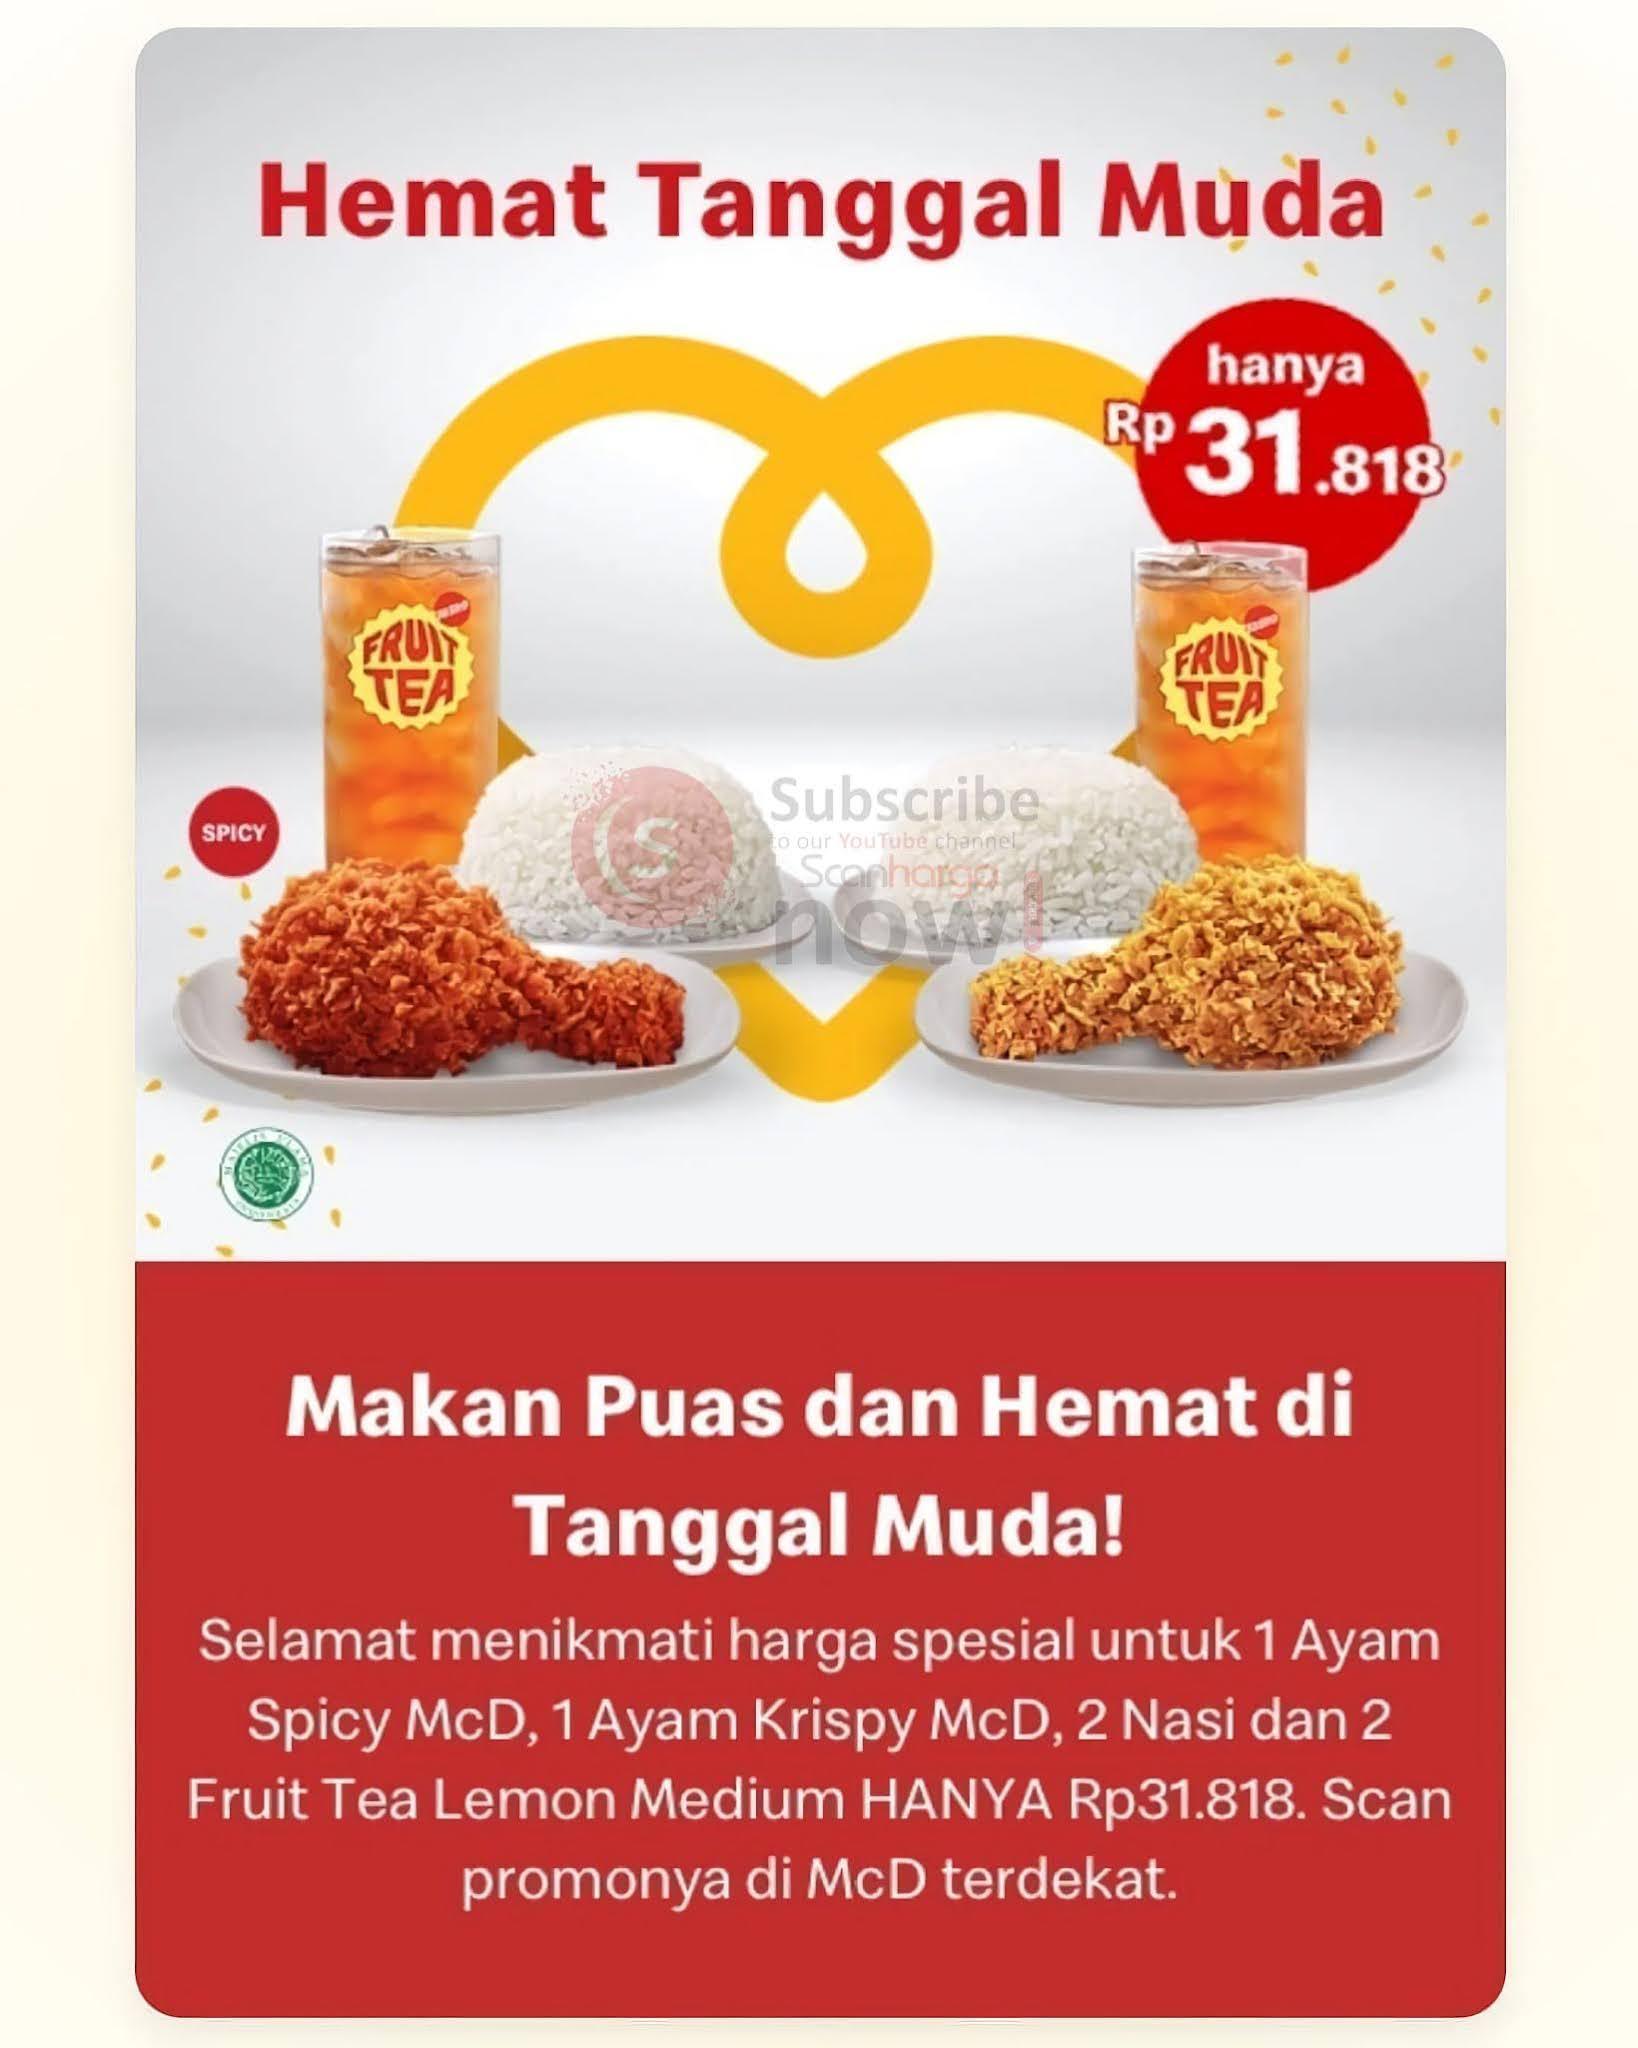 McDonald's Promo Hemat Tanggal Muda ( 2 Ayam + 2 Nasi + 2 Fruit Tea) harga cuma Rp. 31.818